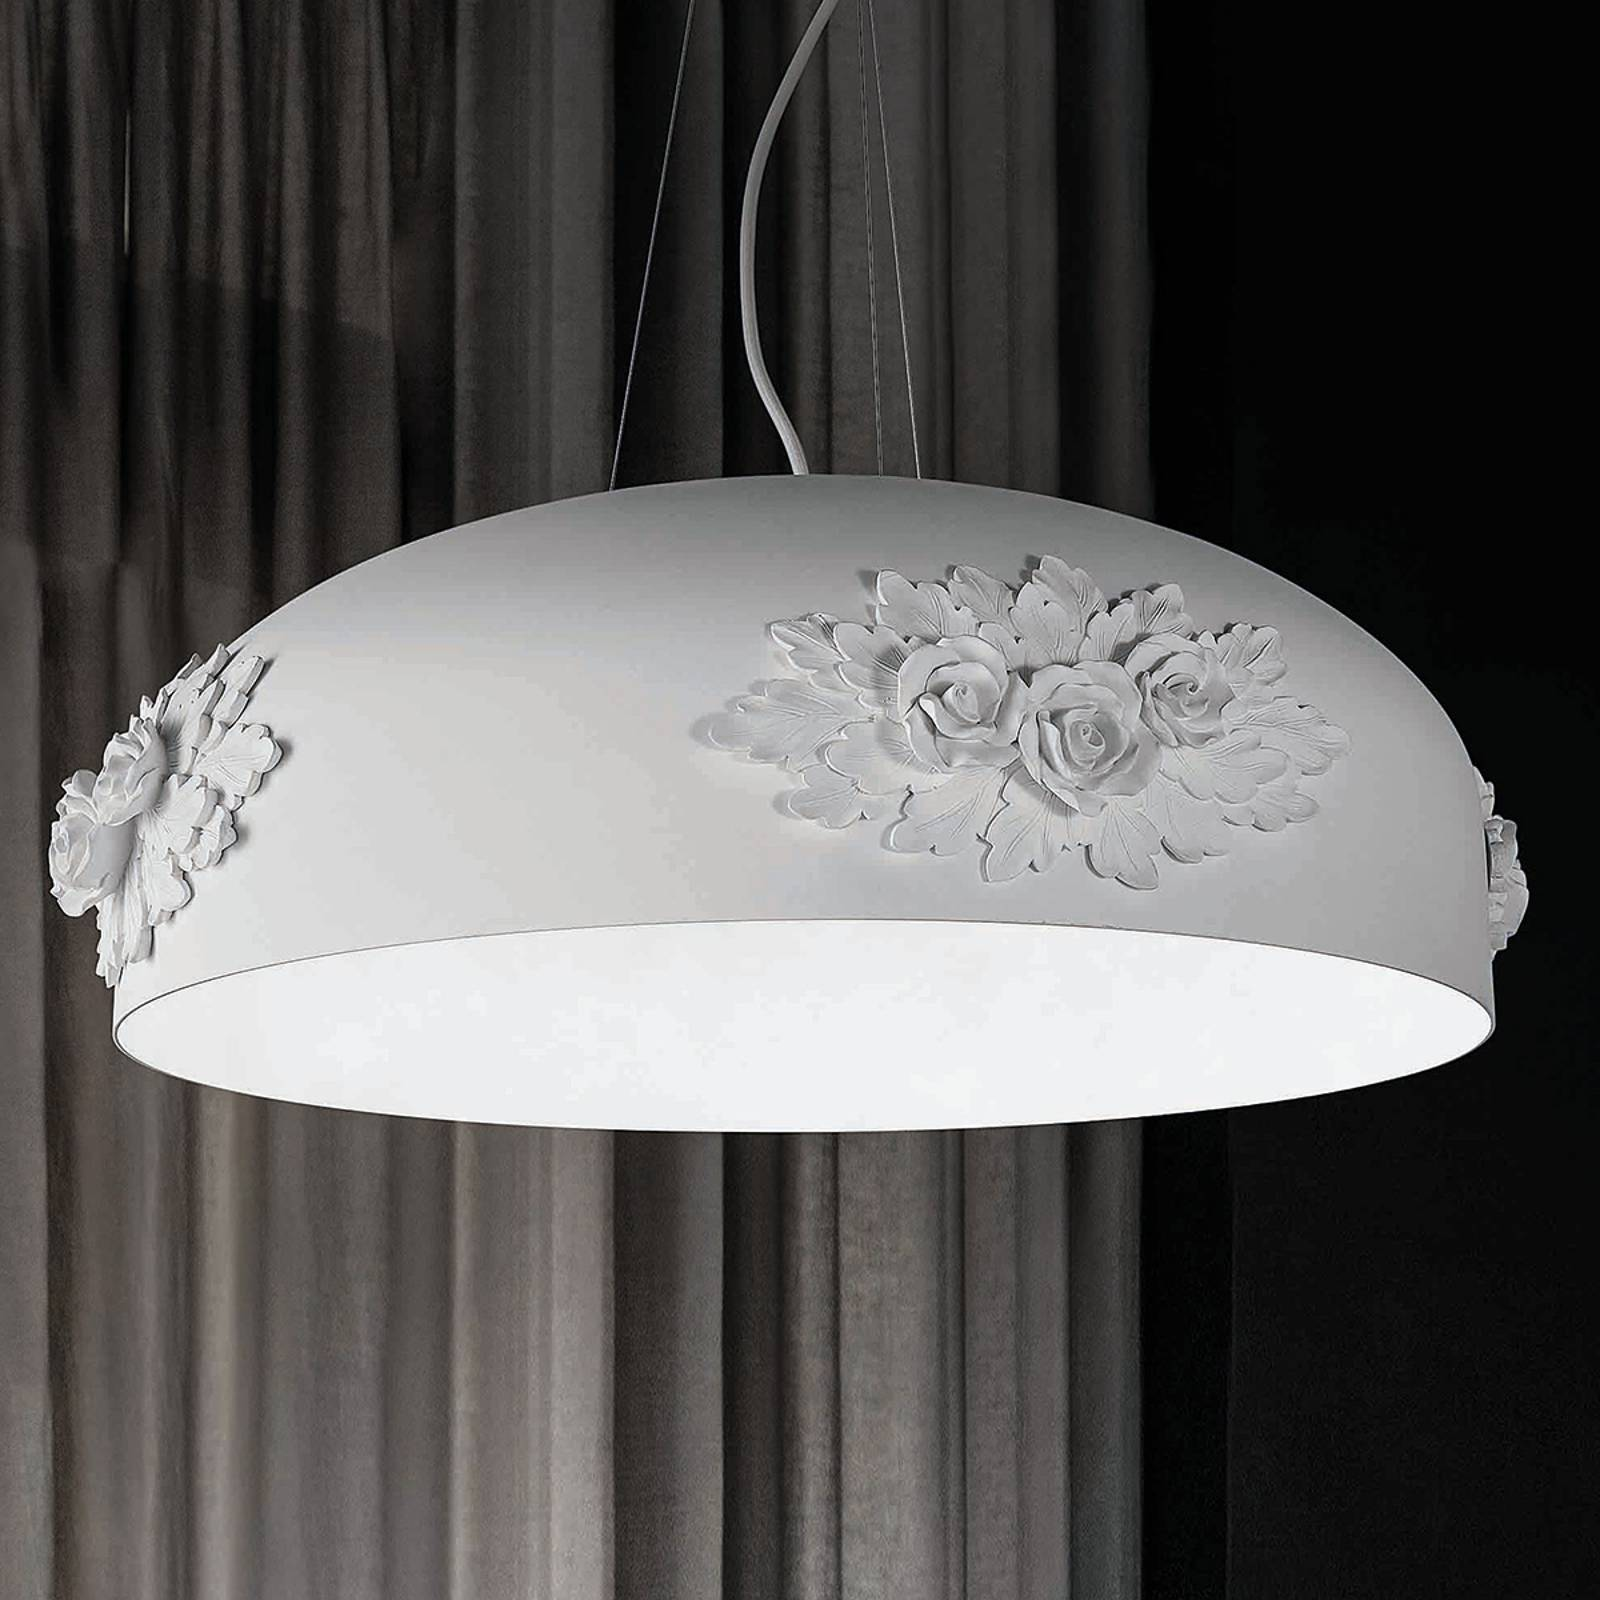 LED-Hängeleuchte Dame in Weiß, 65 cm